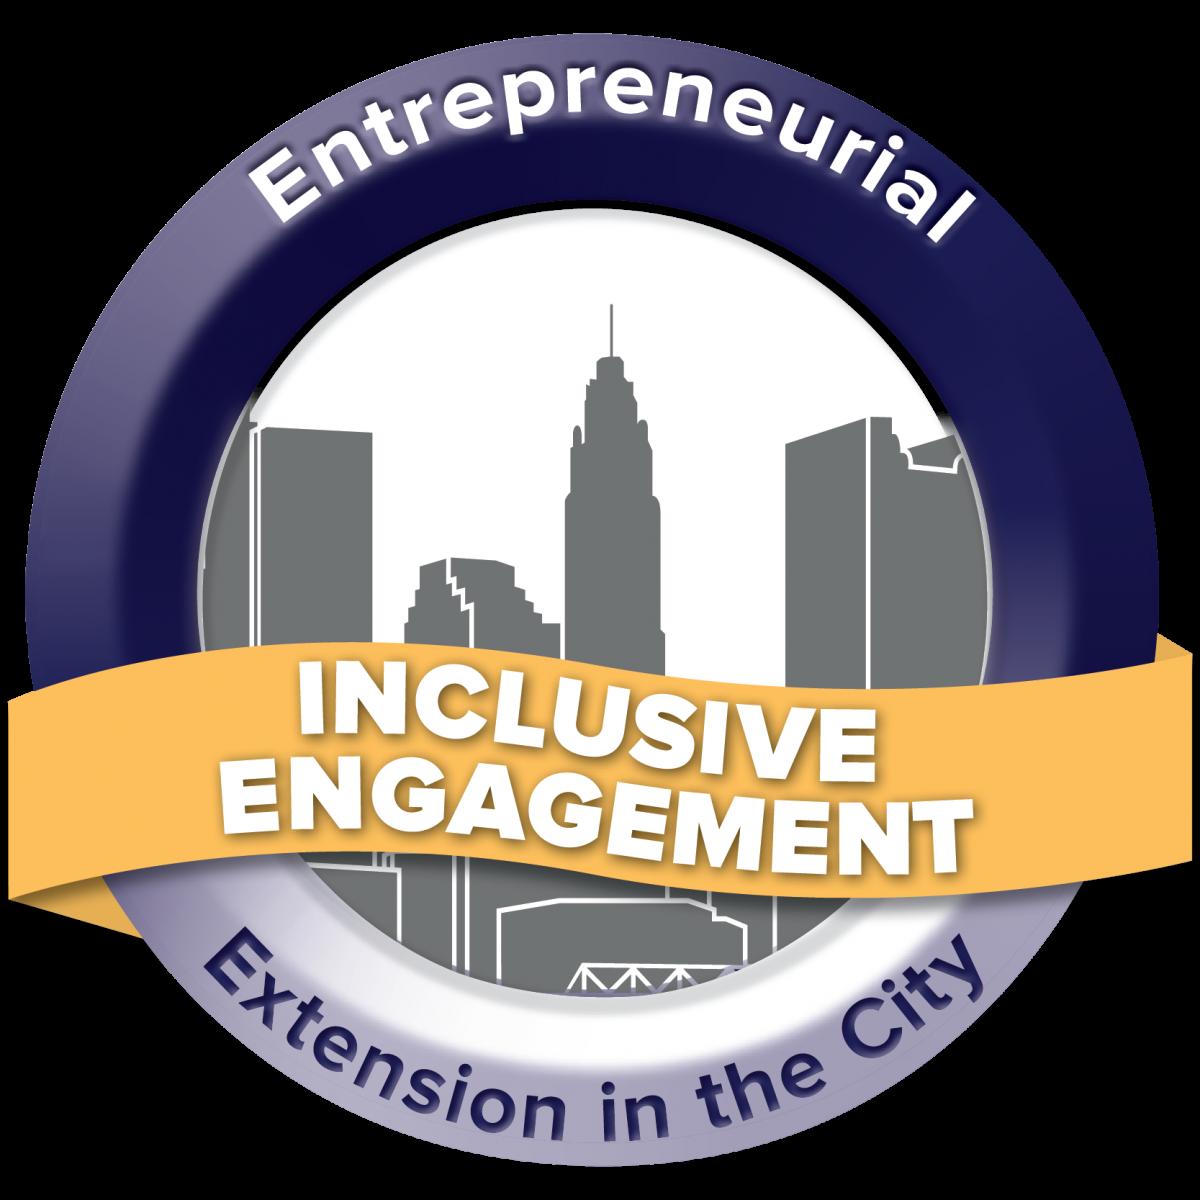 Engagement logo